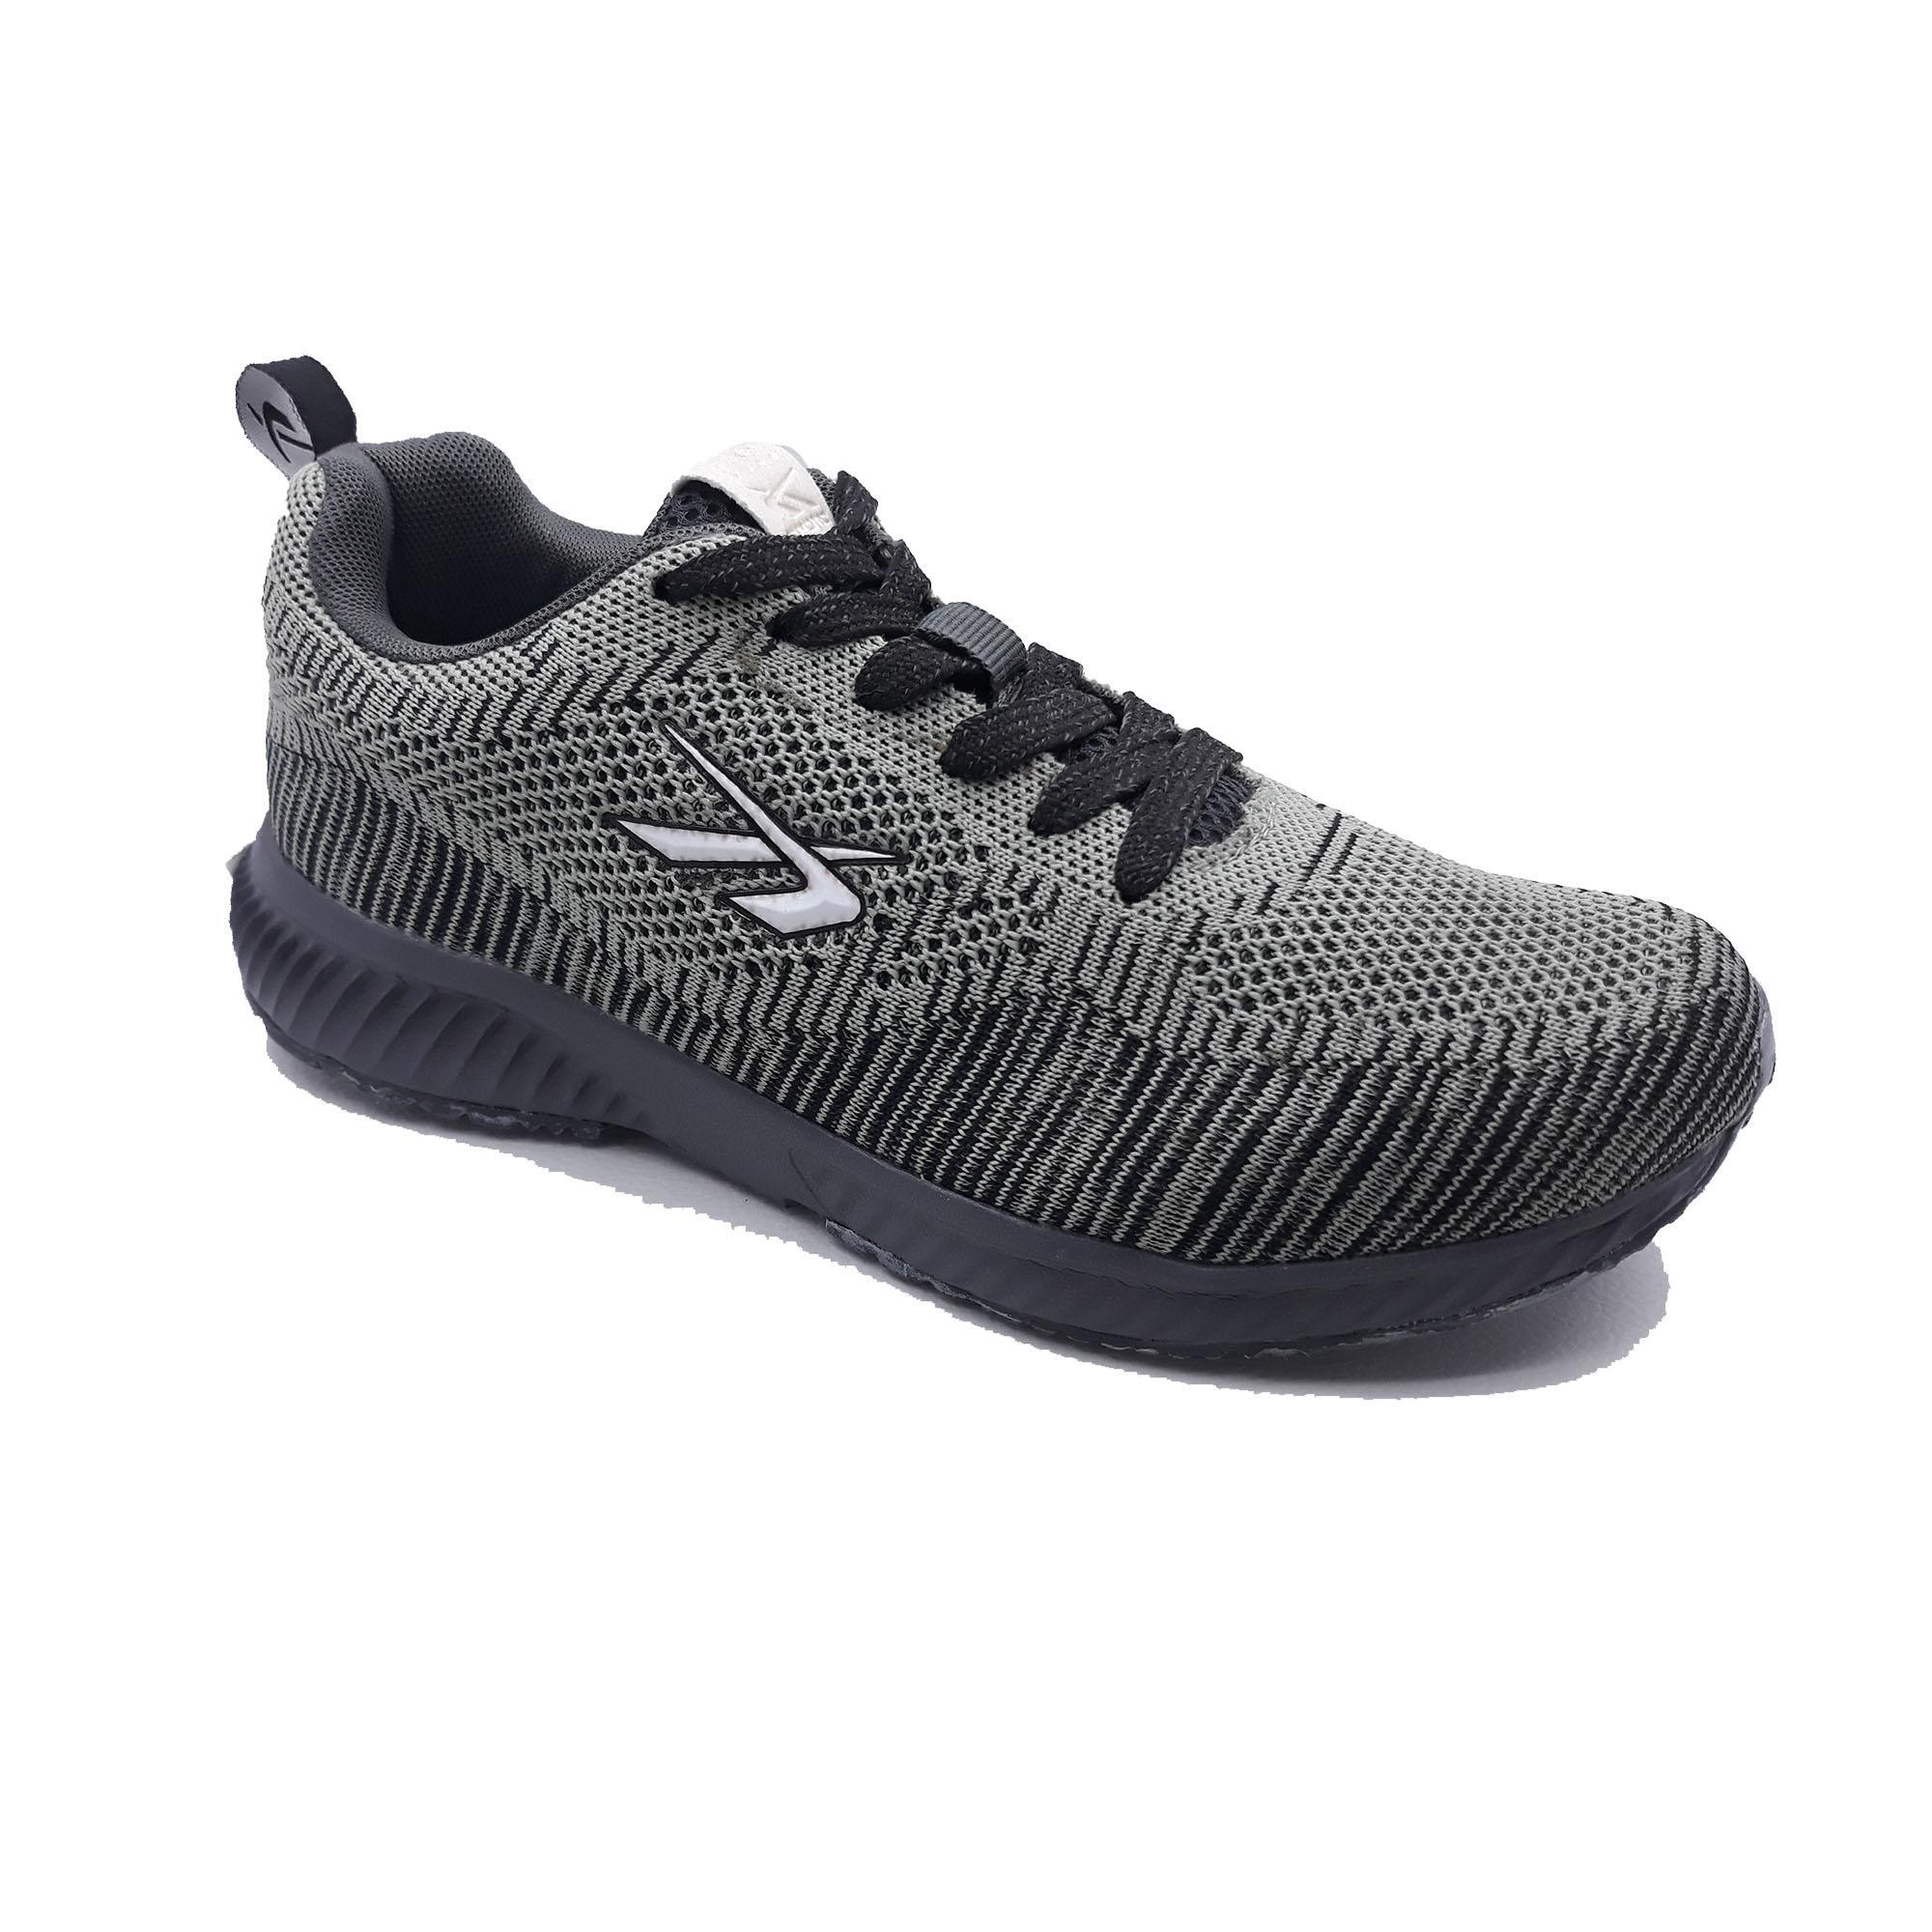 Jual Sepatu Olahraga Running Pria Dan Wanita Spotec Blaze Abu Abu Tua Harga  Rp 255.000 870716cb33